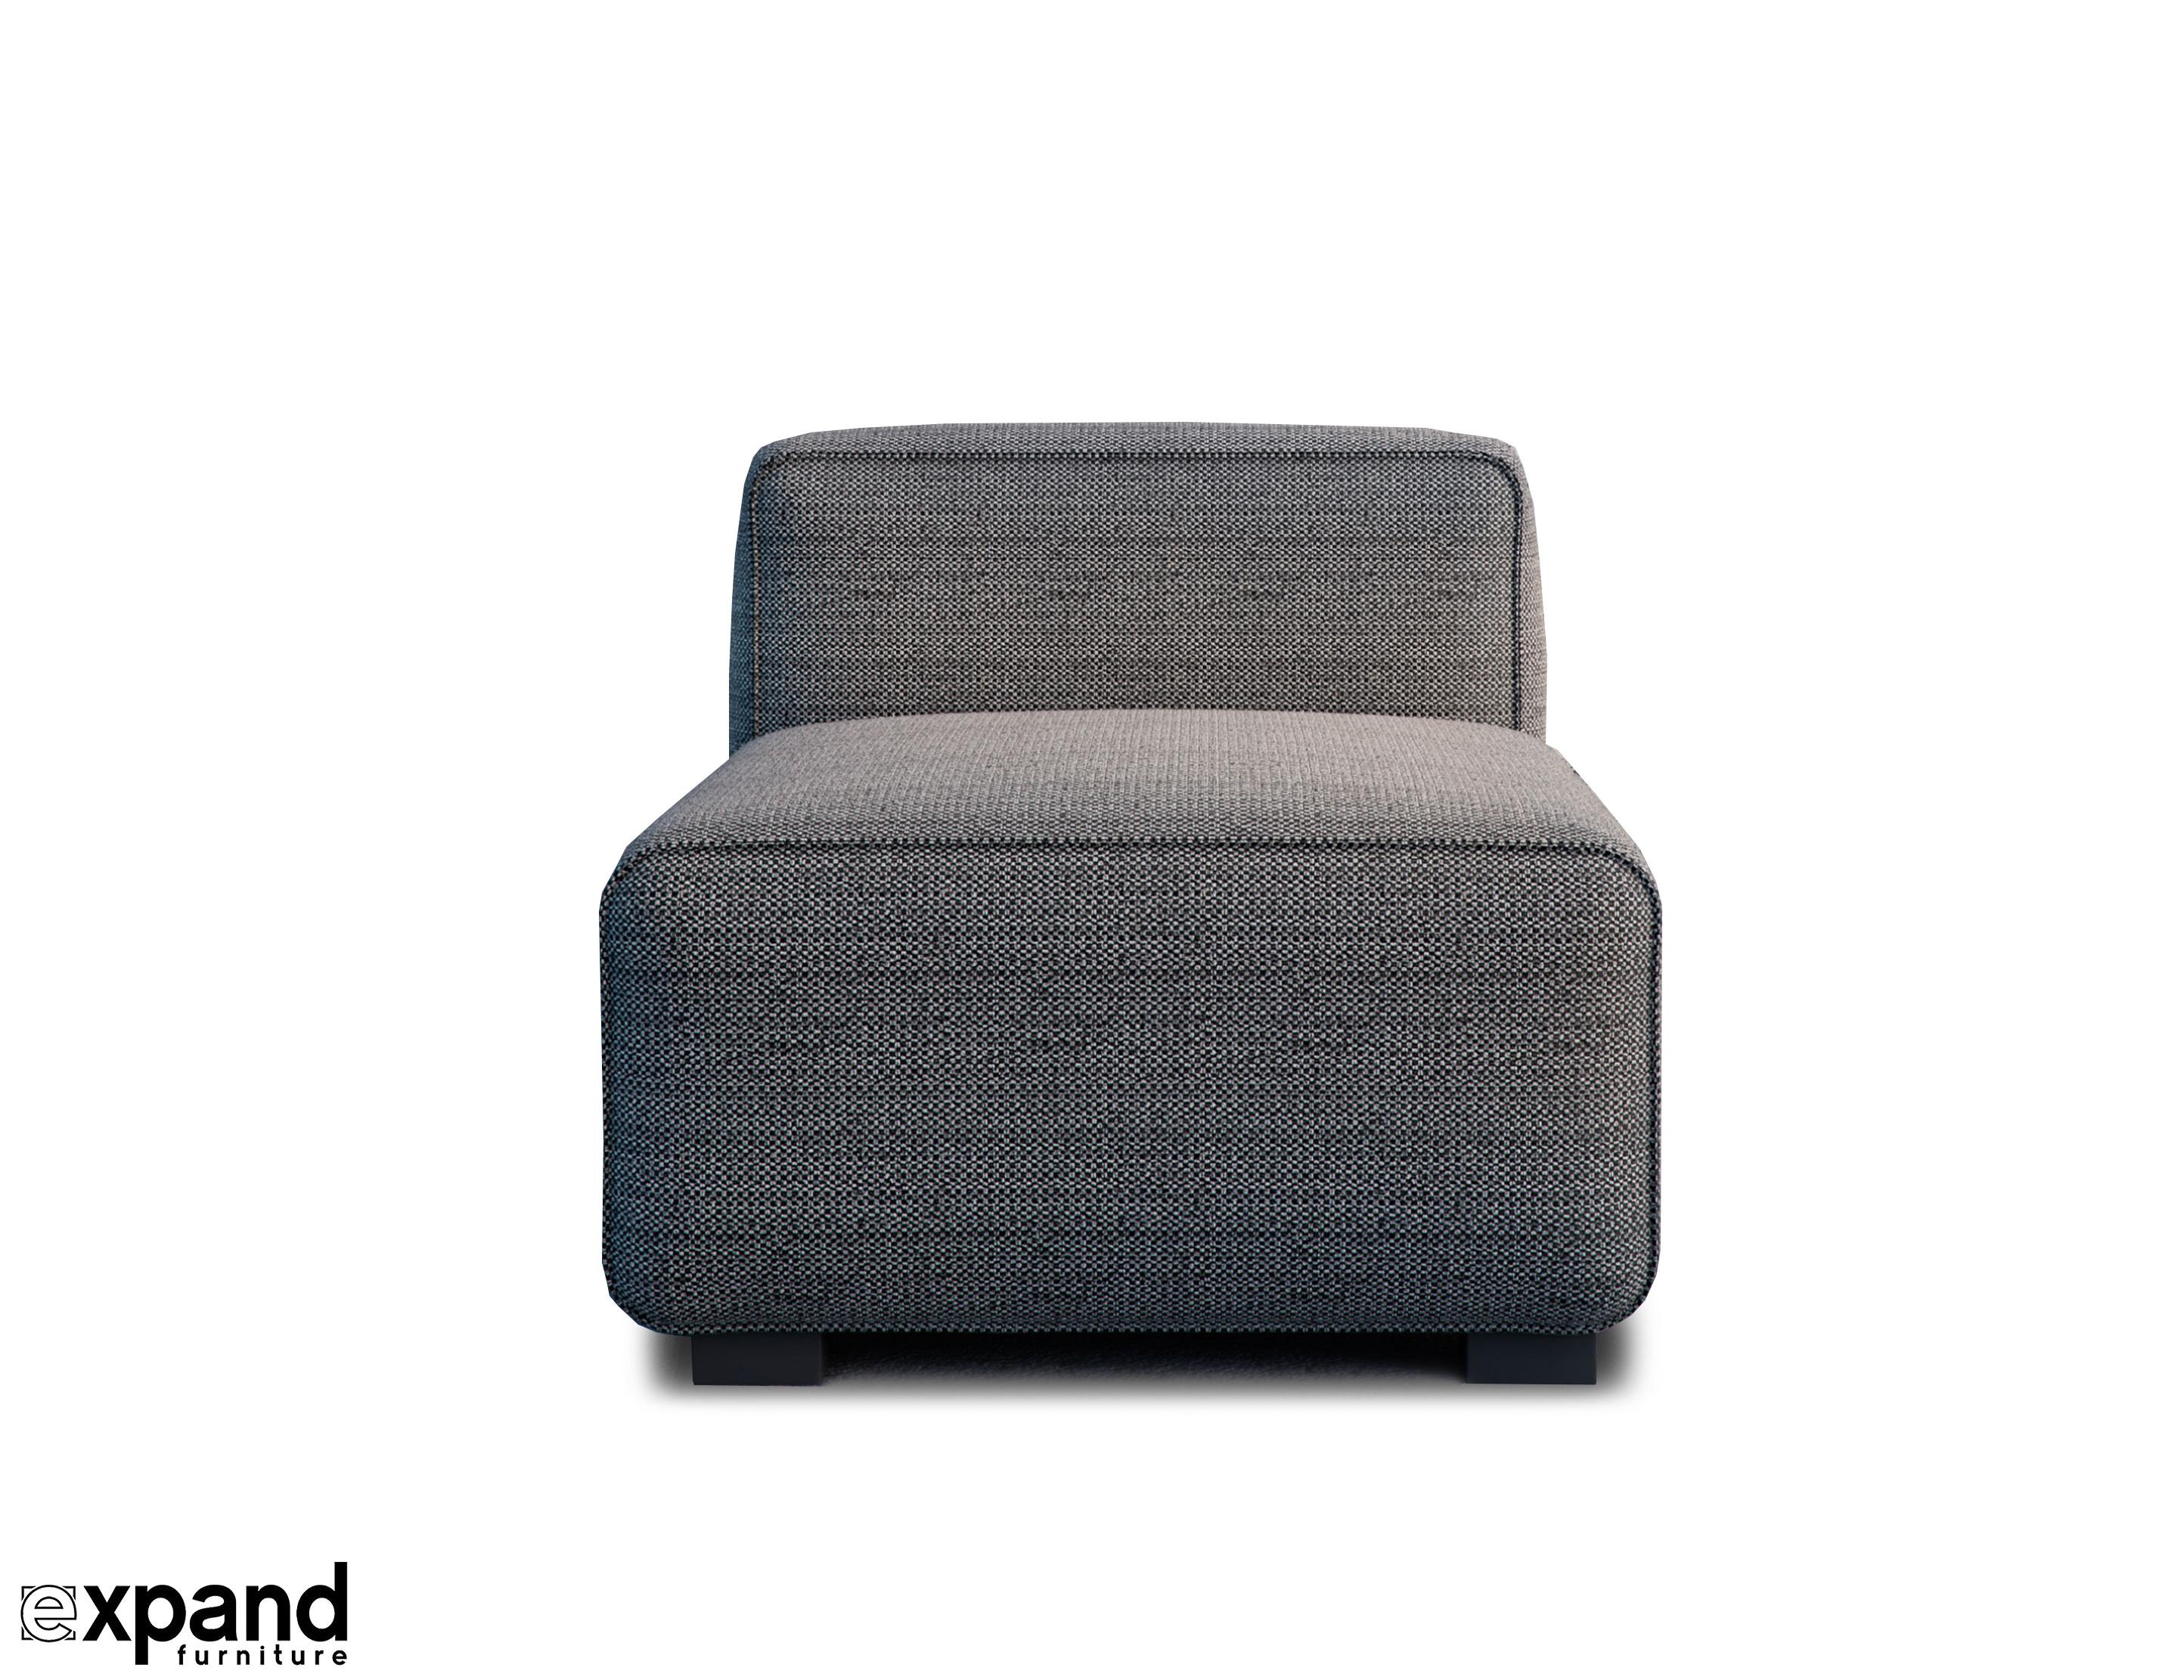 Soft Cube Sofa Single Seat Module Expand Furniture